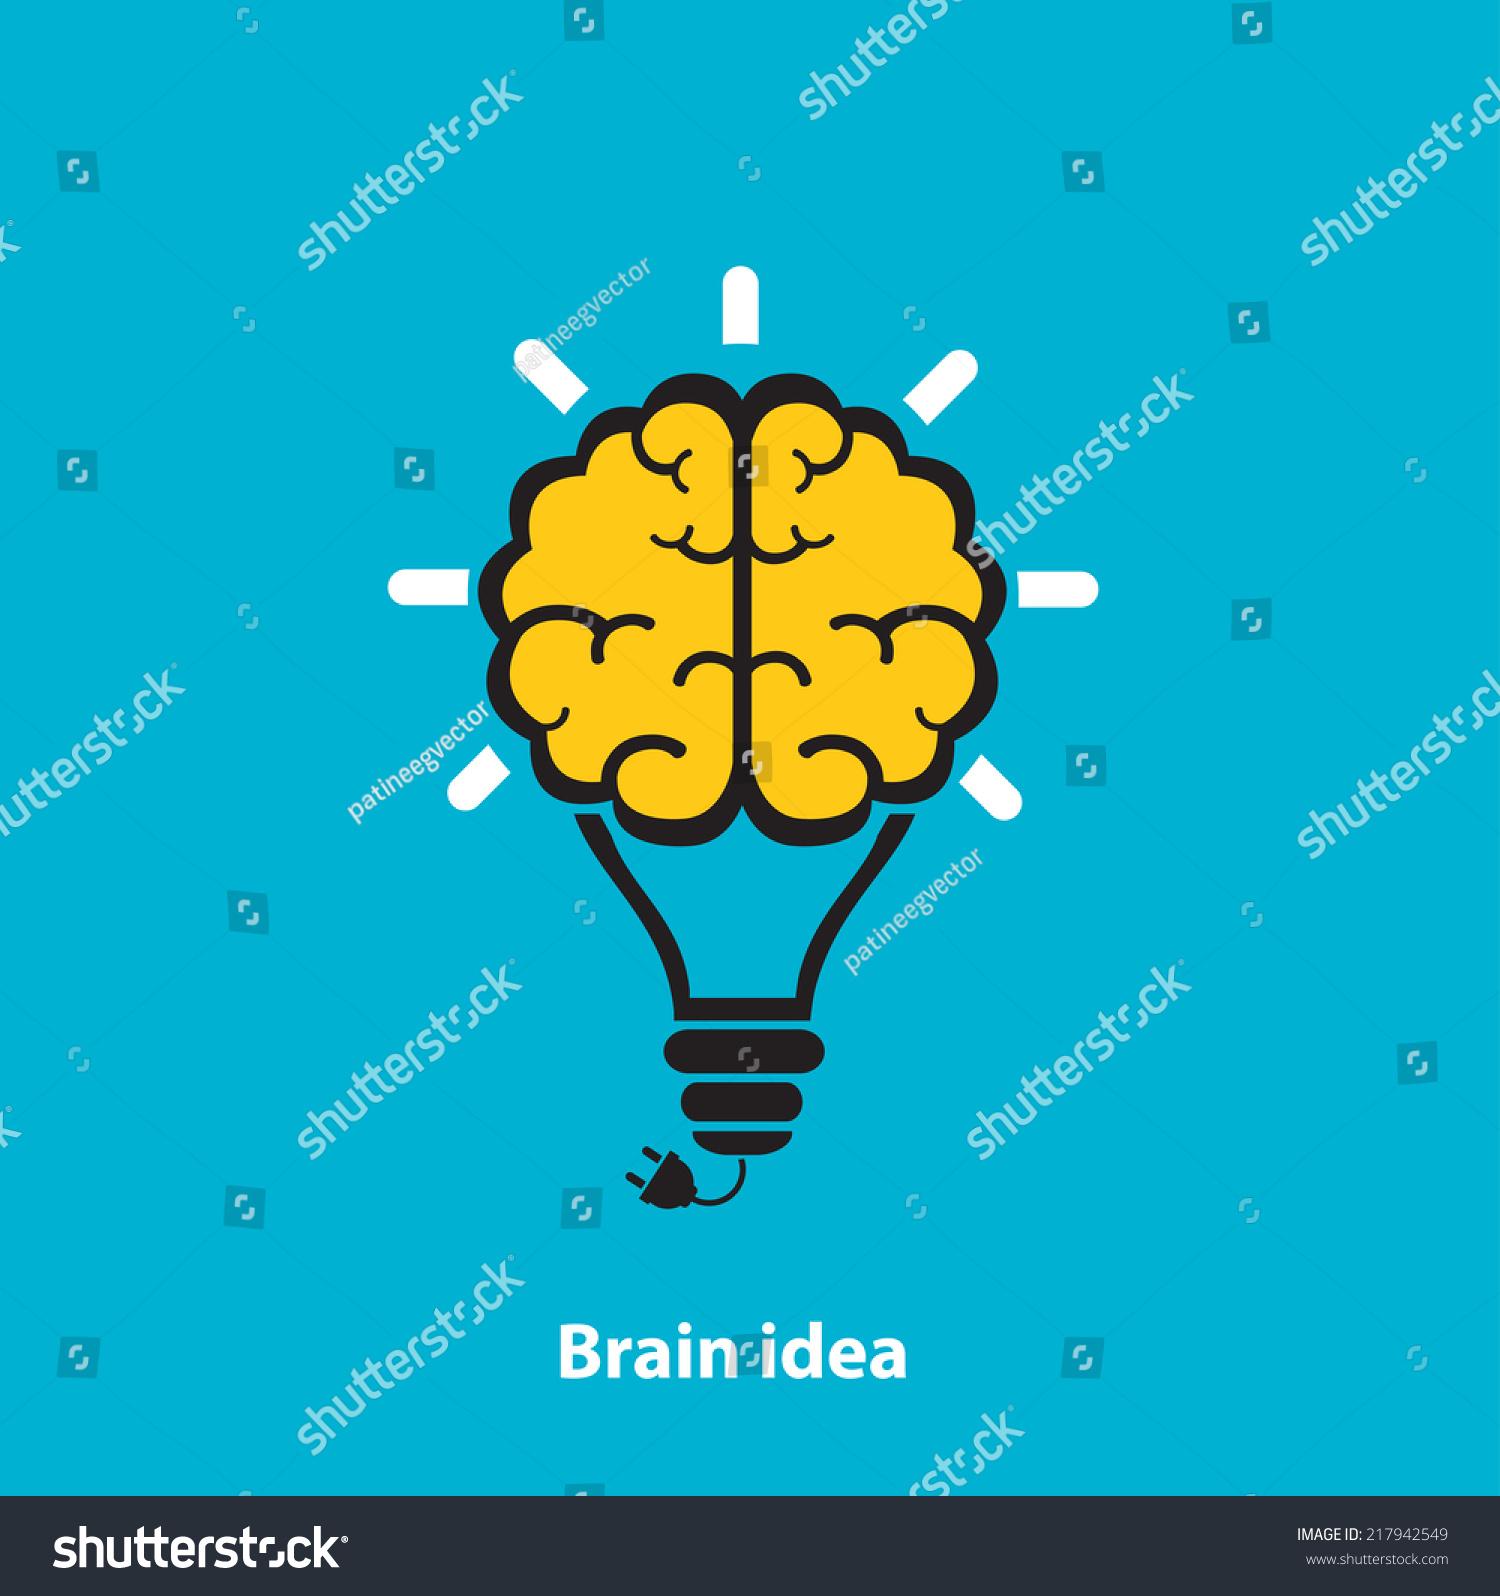 大脑灯泡图标在蓝色的背景上-背景/素材,符号/标志-()